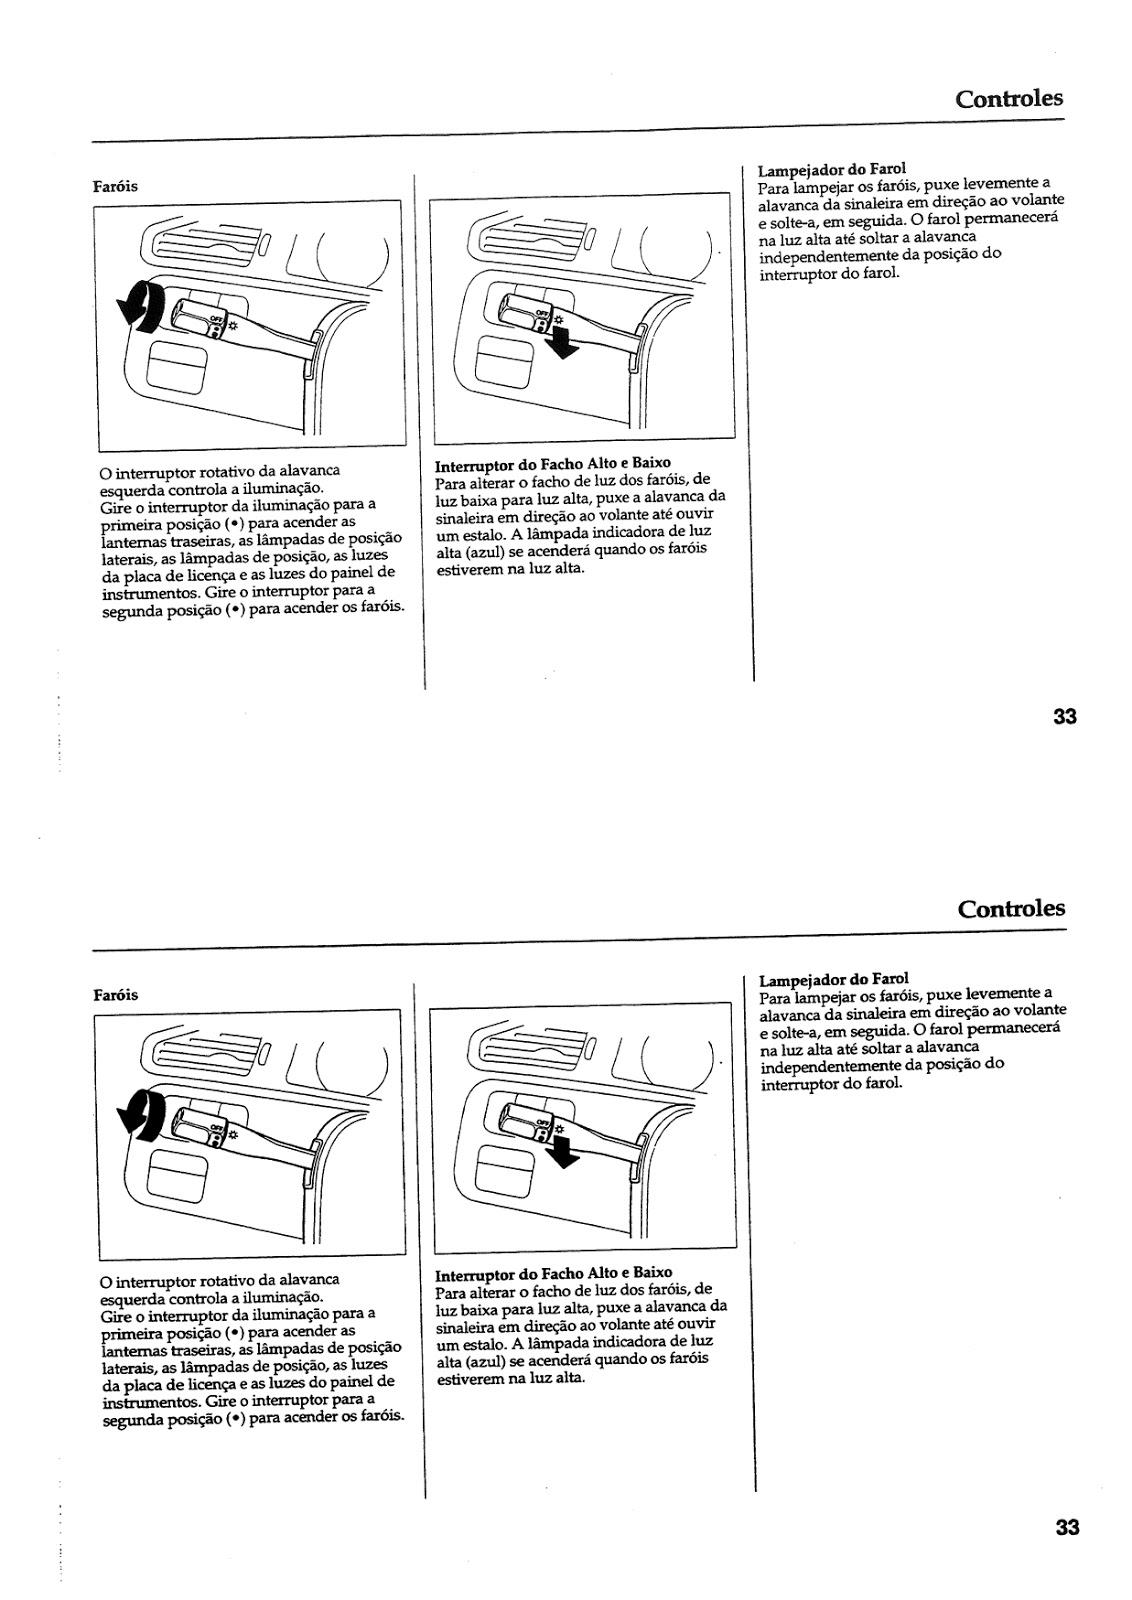 MANUAIS DO PROPRIETÁRIO GRÁTIS: MANUAL DO HONDA CIVIC 1994